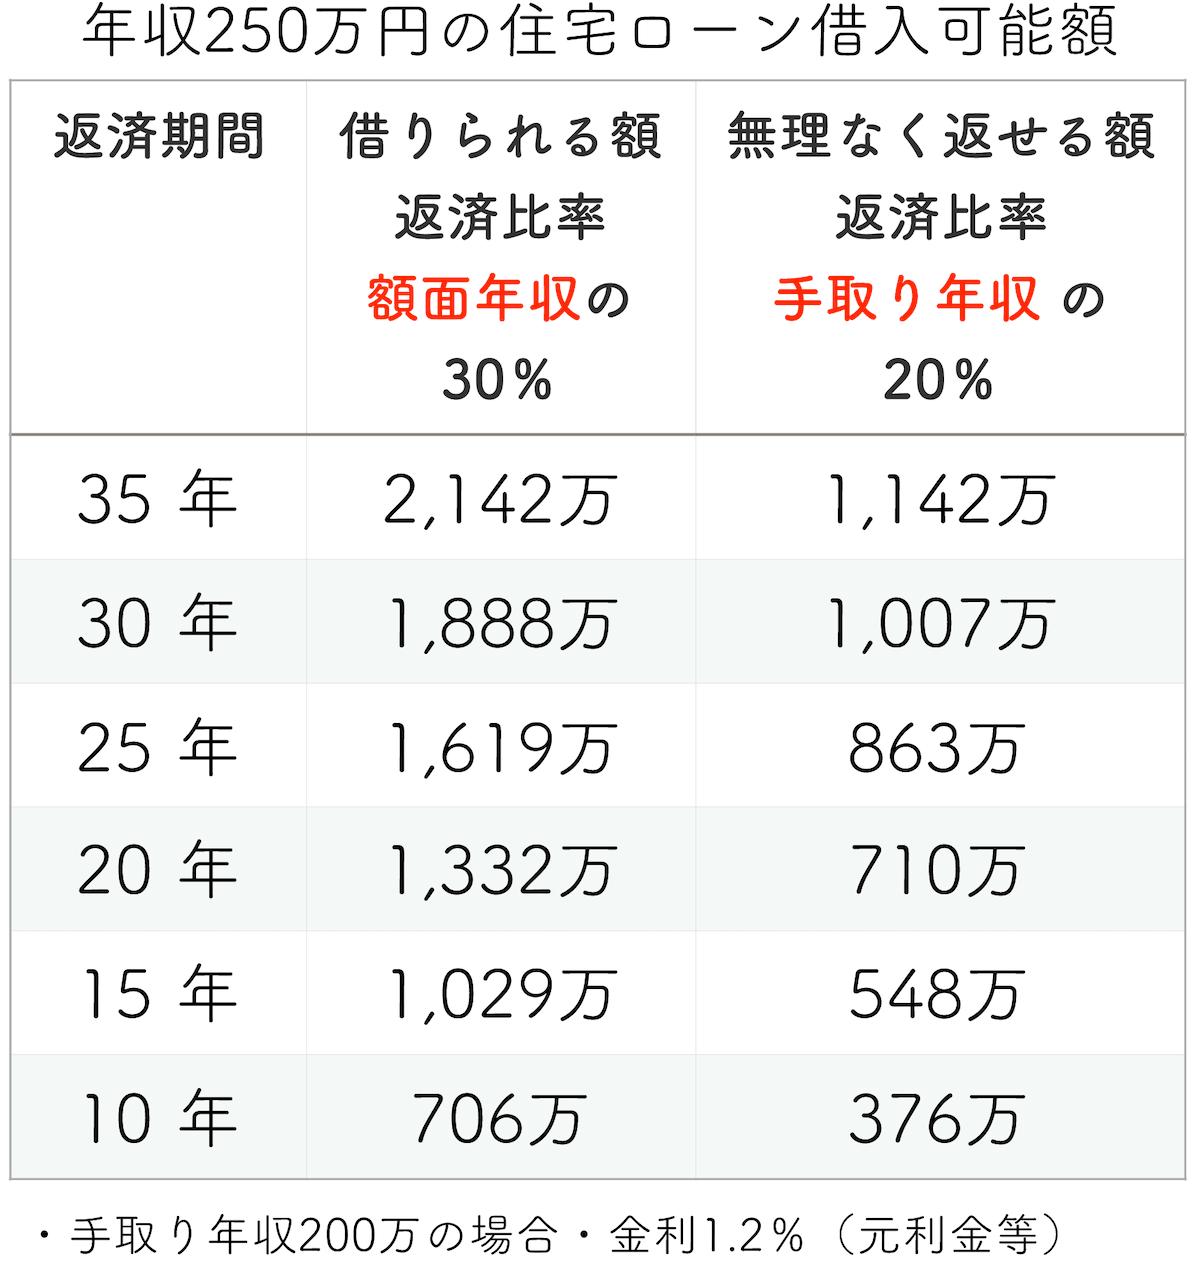 年収250万円の住宅ローン「借入限度額と安心予算」